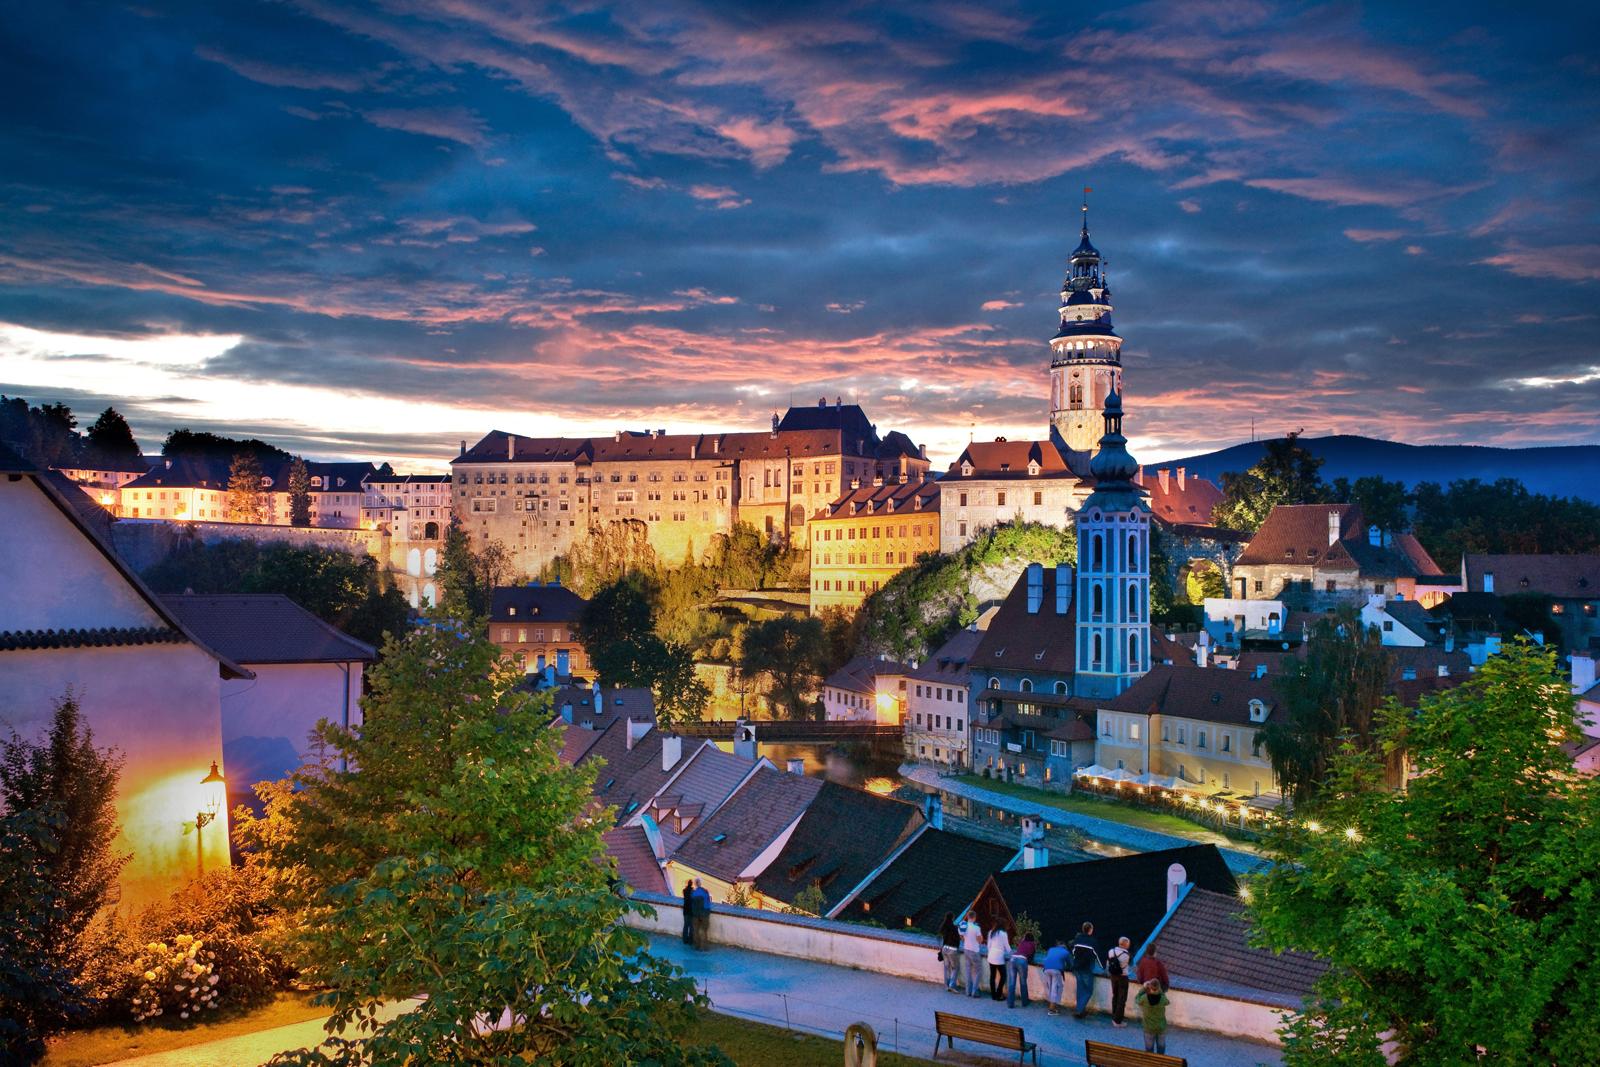 Tschechische Republik - Brünn